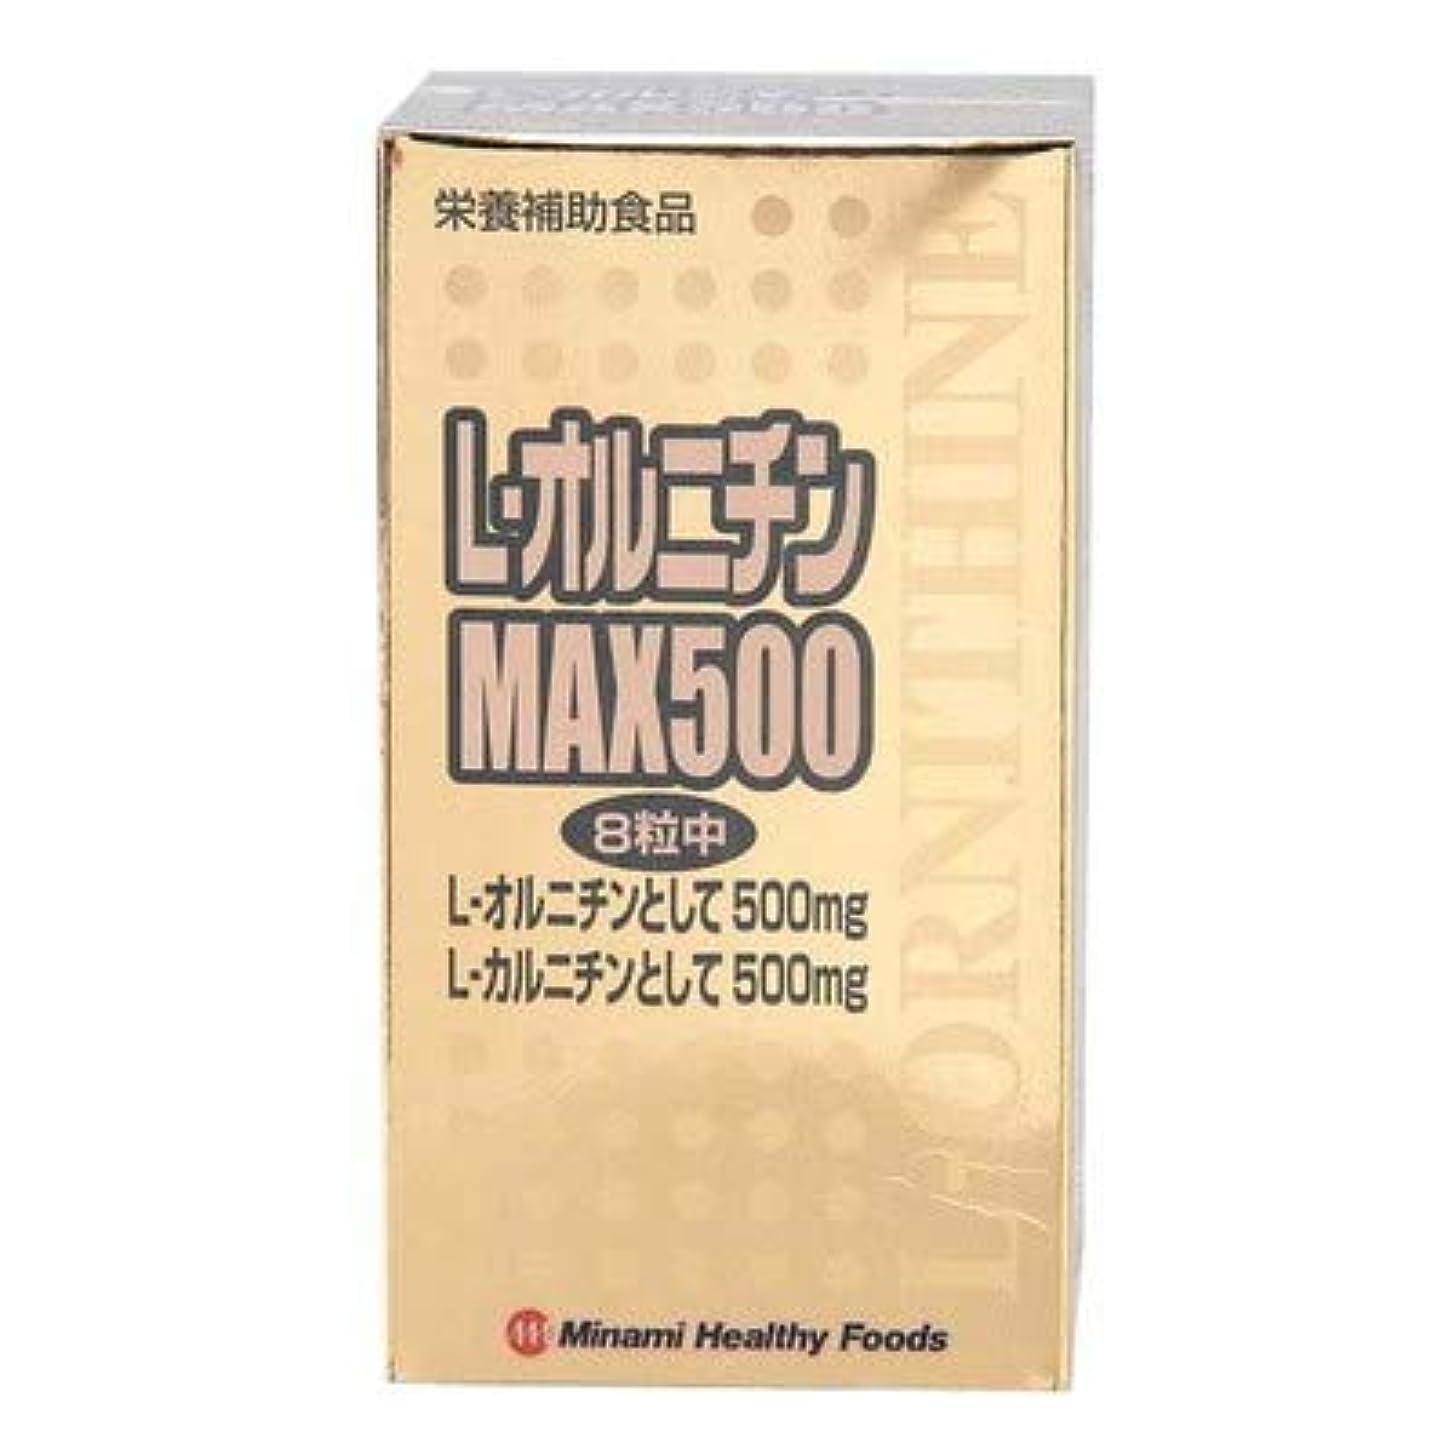 条件付き平均残忍なミナミヘルシーフーズ L-オルニチンMAX500 240粒 4945904014233